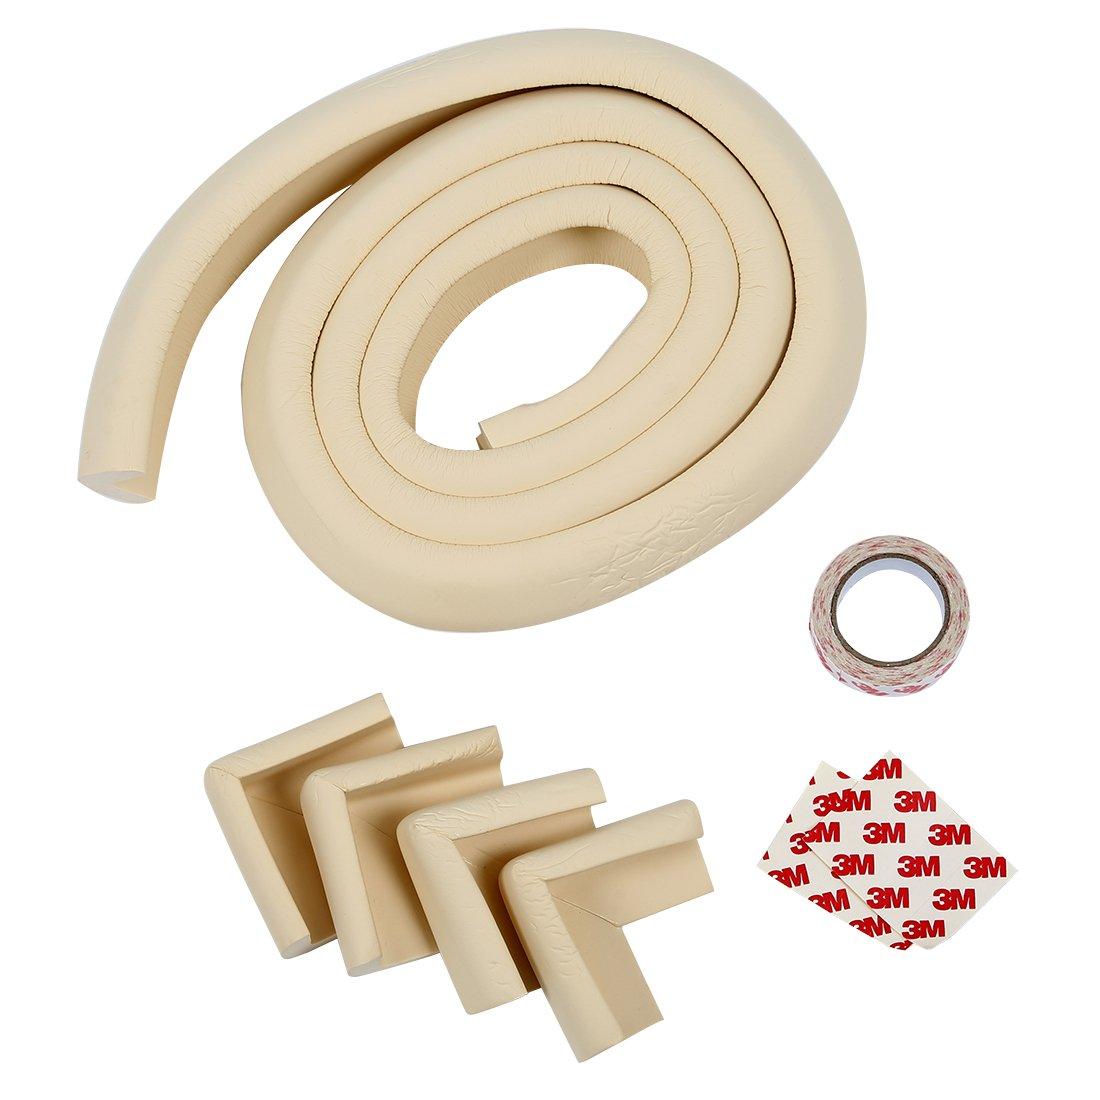 TOOGOO 2m Protector Bordes+4 X Protector Esquinas Caucho Mesa Mueble Antigolpes Seguridad para Ninos Bebe R